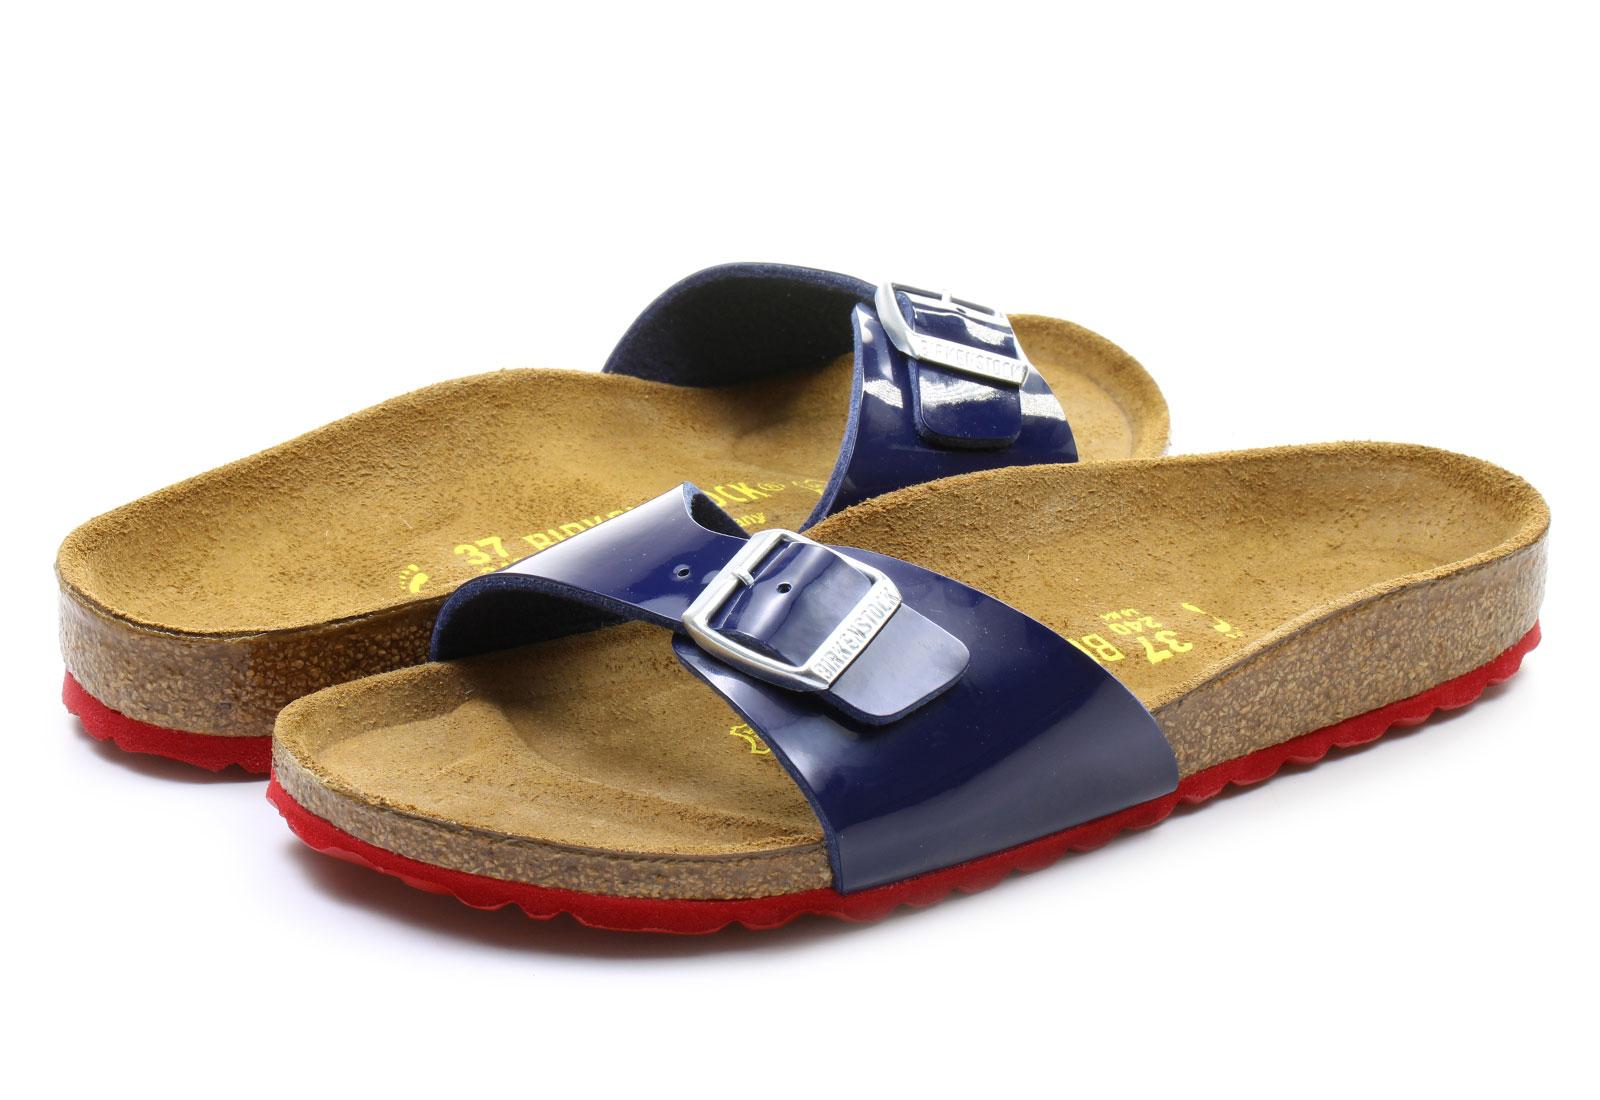 birkenstock slippers madrid papucs 339263 blu online. Black Bedroom Furniture Sets. Home Design Ideas